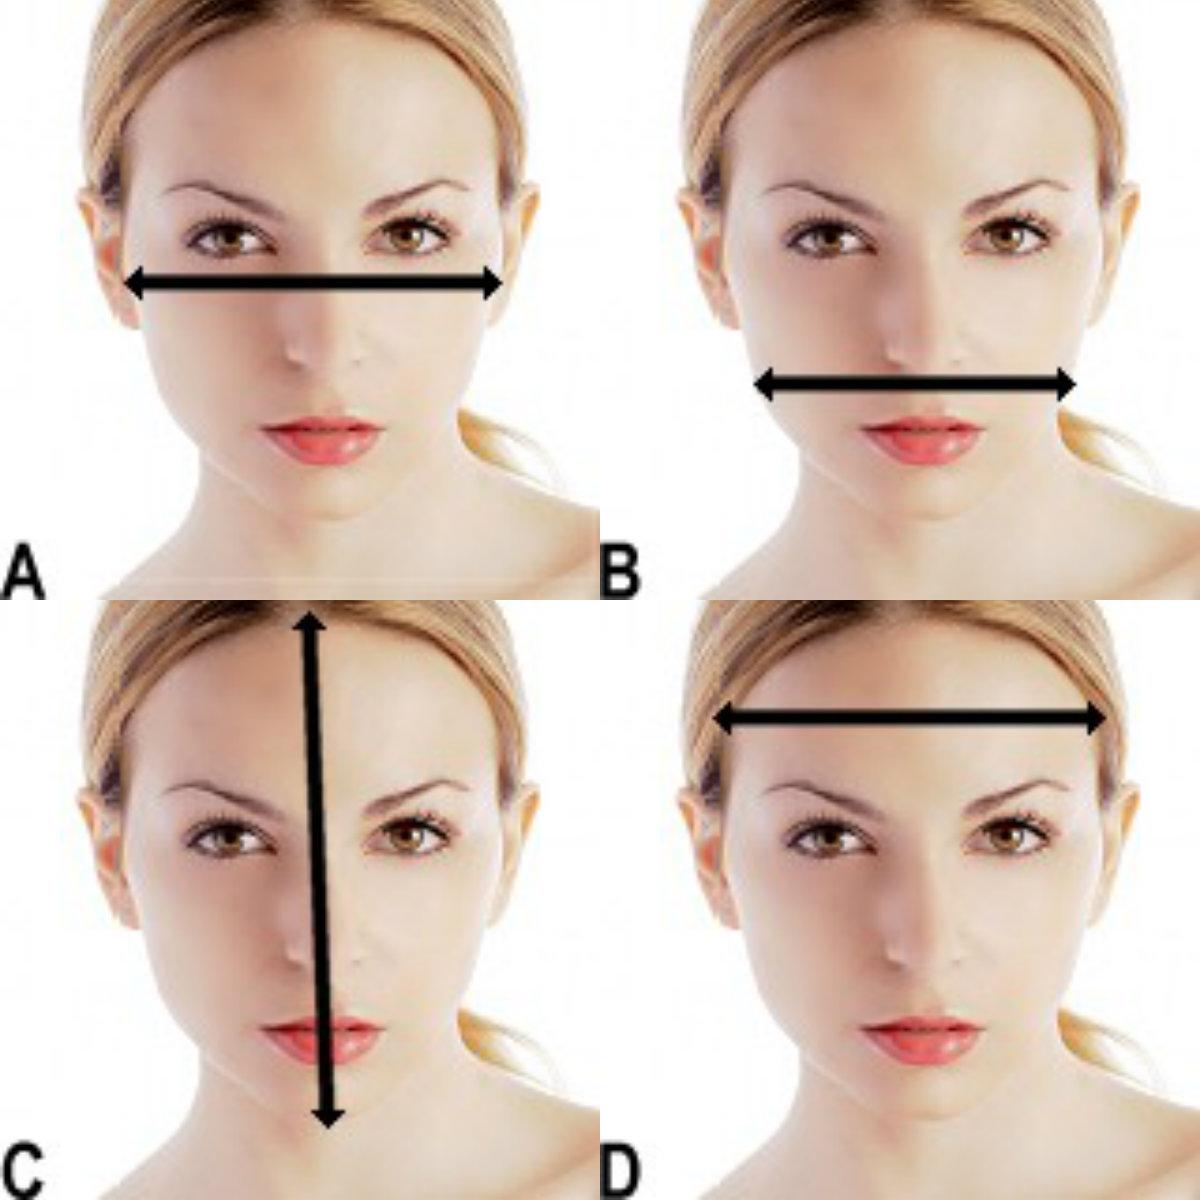 Welk kapsel past bij jouw gezichtsvorm?